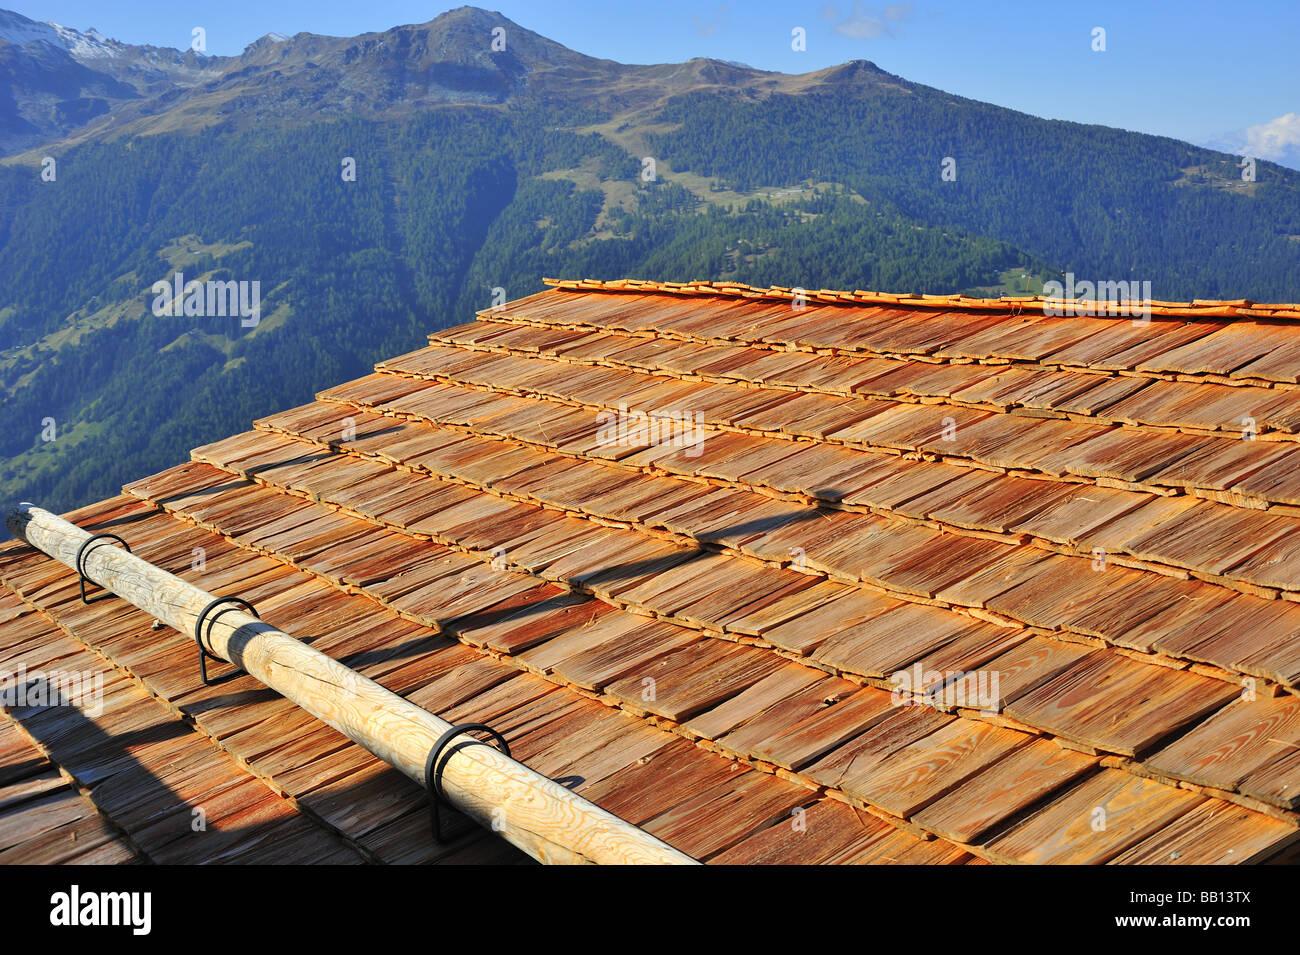 Toit en tuiles-traditionnellement en Suisse, à l'aide de tuiles en bois de tremble. Le bois est soit le Photo Stock